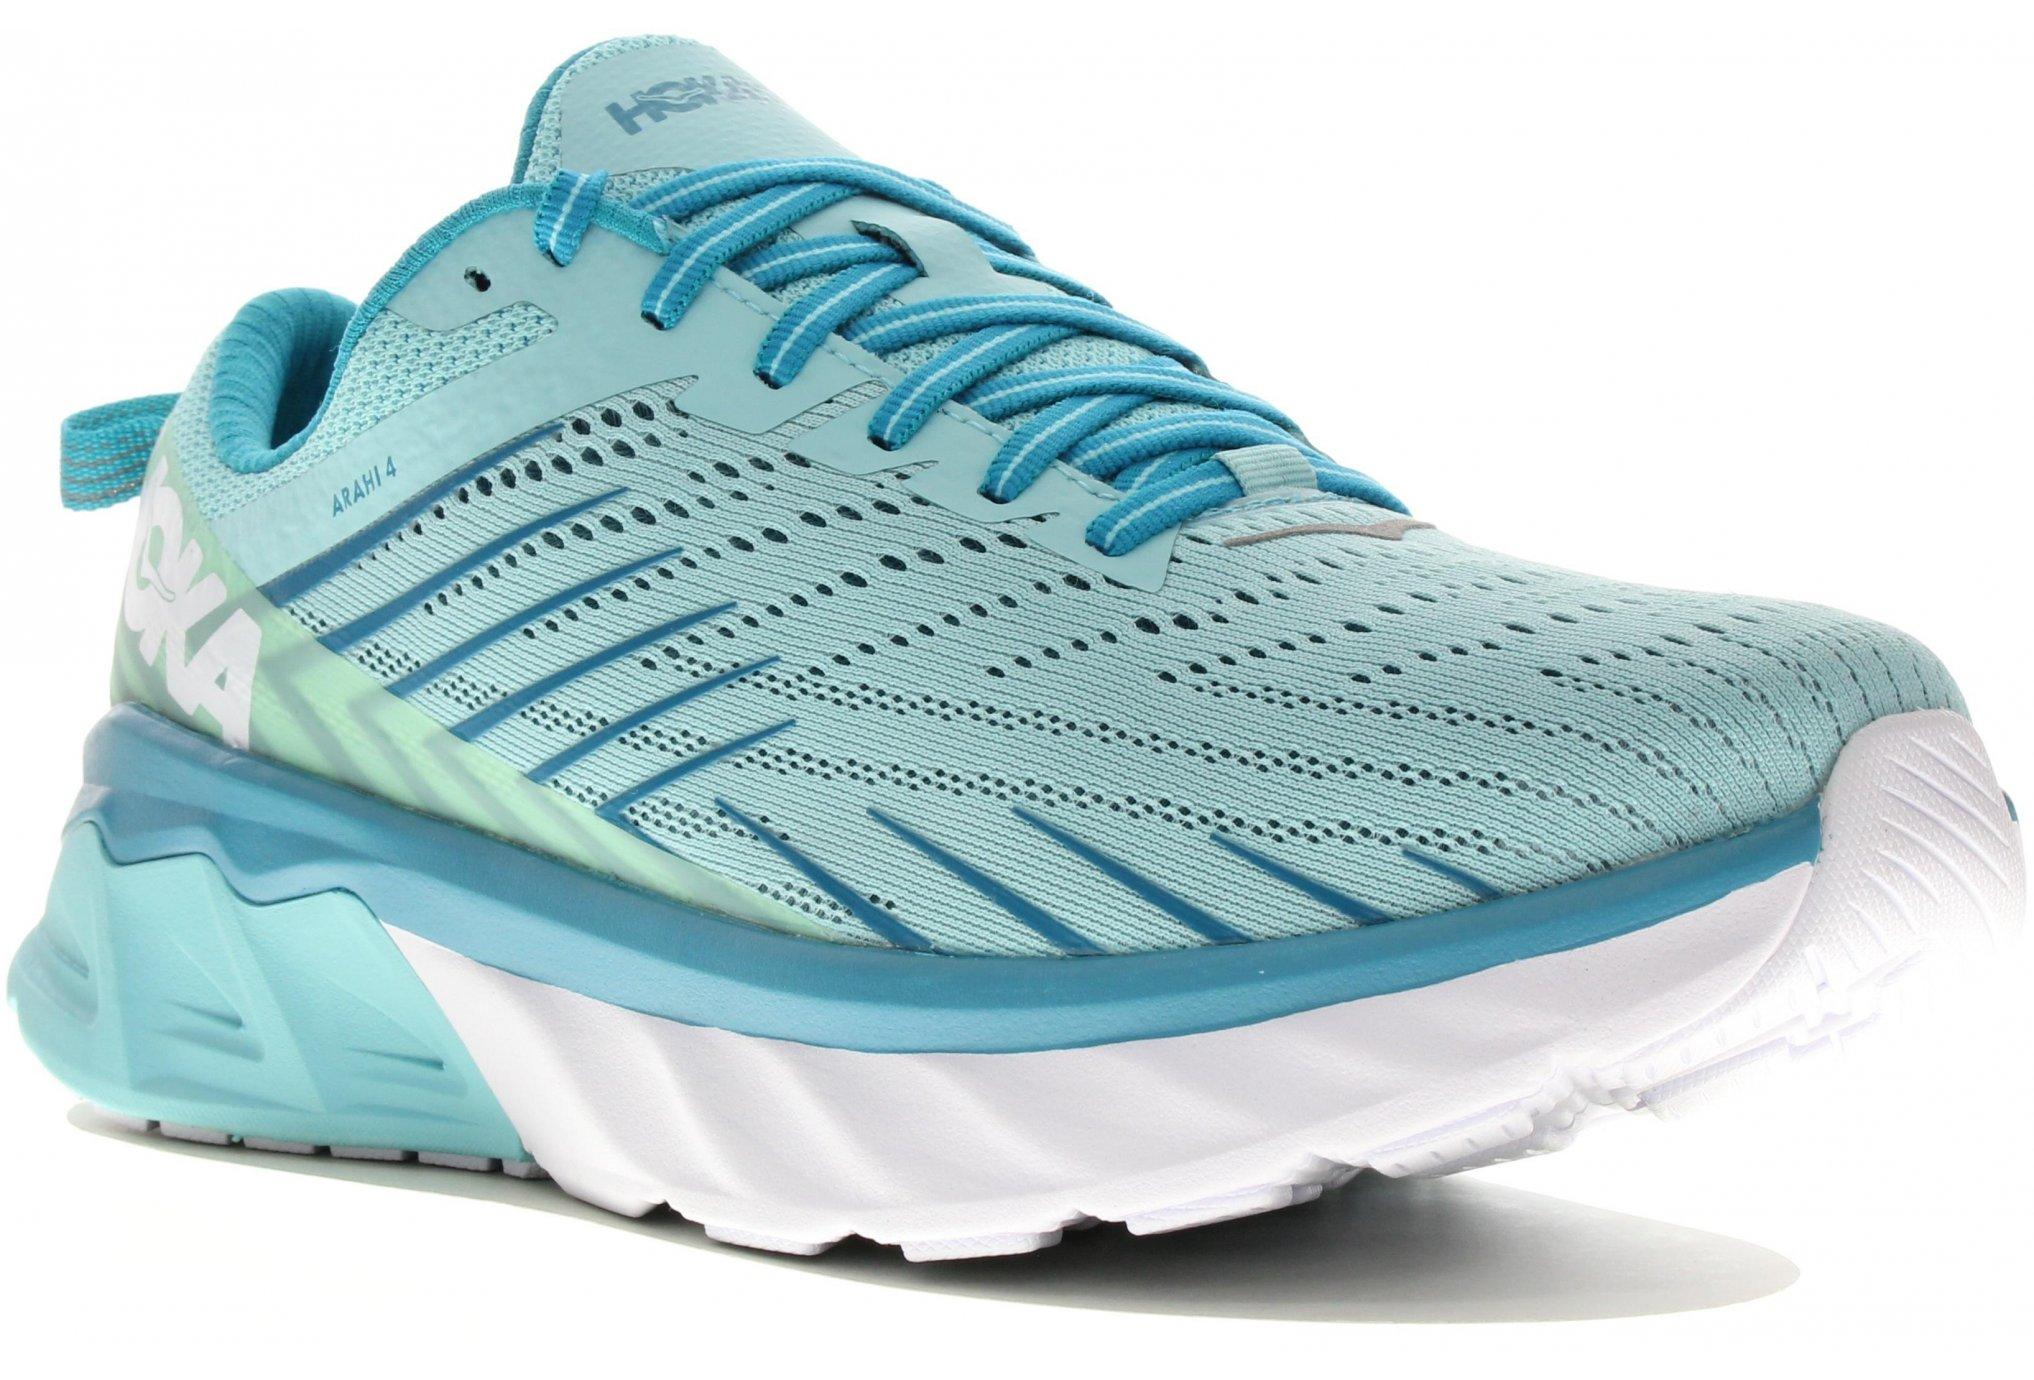 Hoka One One Arahi 4 Wide Chaussures running femme